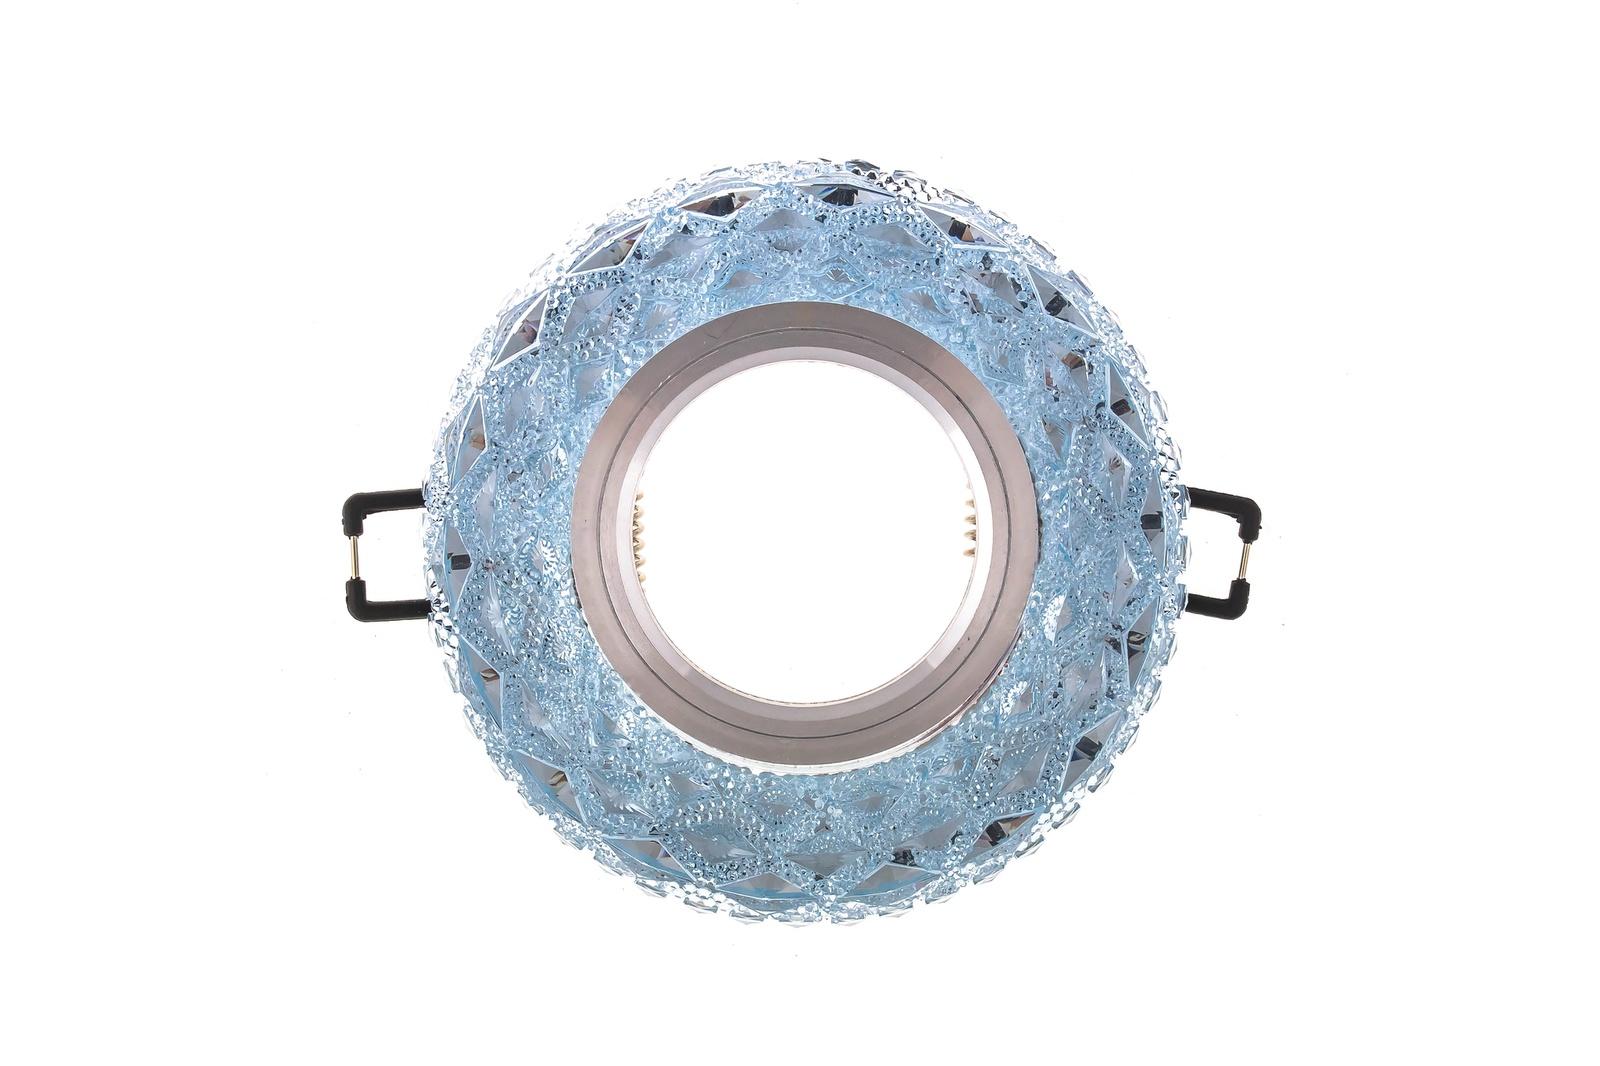 Встраиваемый светильник Ambrella light S288BLS288BLПотолочные точечные светильники - хорошая замена традиционному освещению. С их помощью можно сделать акценты на определенных зонах в помещении или создать романтическую обстановку. Точечные светодиодные светильники Ambrella light могут стать настоящим украшением — важно лишь правильно их выбрать в соответствии с задачами помещения. Данный светильник представляет собой яркий пример современного дизайна. Круглая кромка имеет дополнительный источник света в виде LED ленты. Кромка в сочетании с LED лентой образуют оригинальные блики на потолке. Дизайн позволяет сочетать модель как с классическими, так и с современными интерьерными решениями. Рекомендуемая лампа LED/галогенная MR16 GU5.3 12V/220V max 50W.